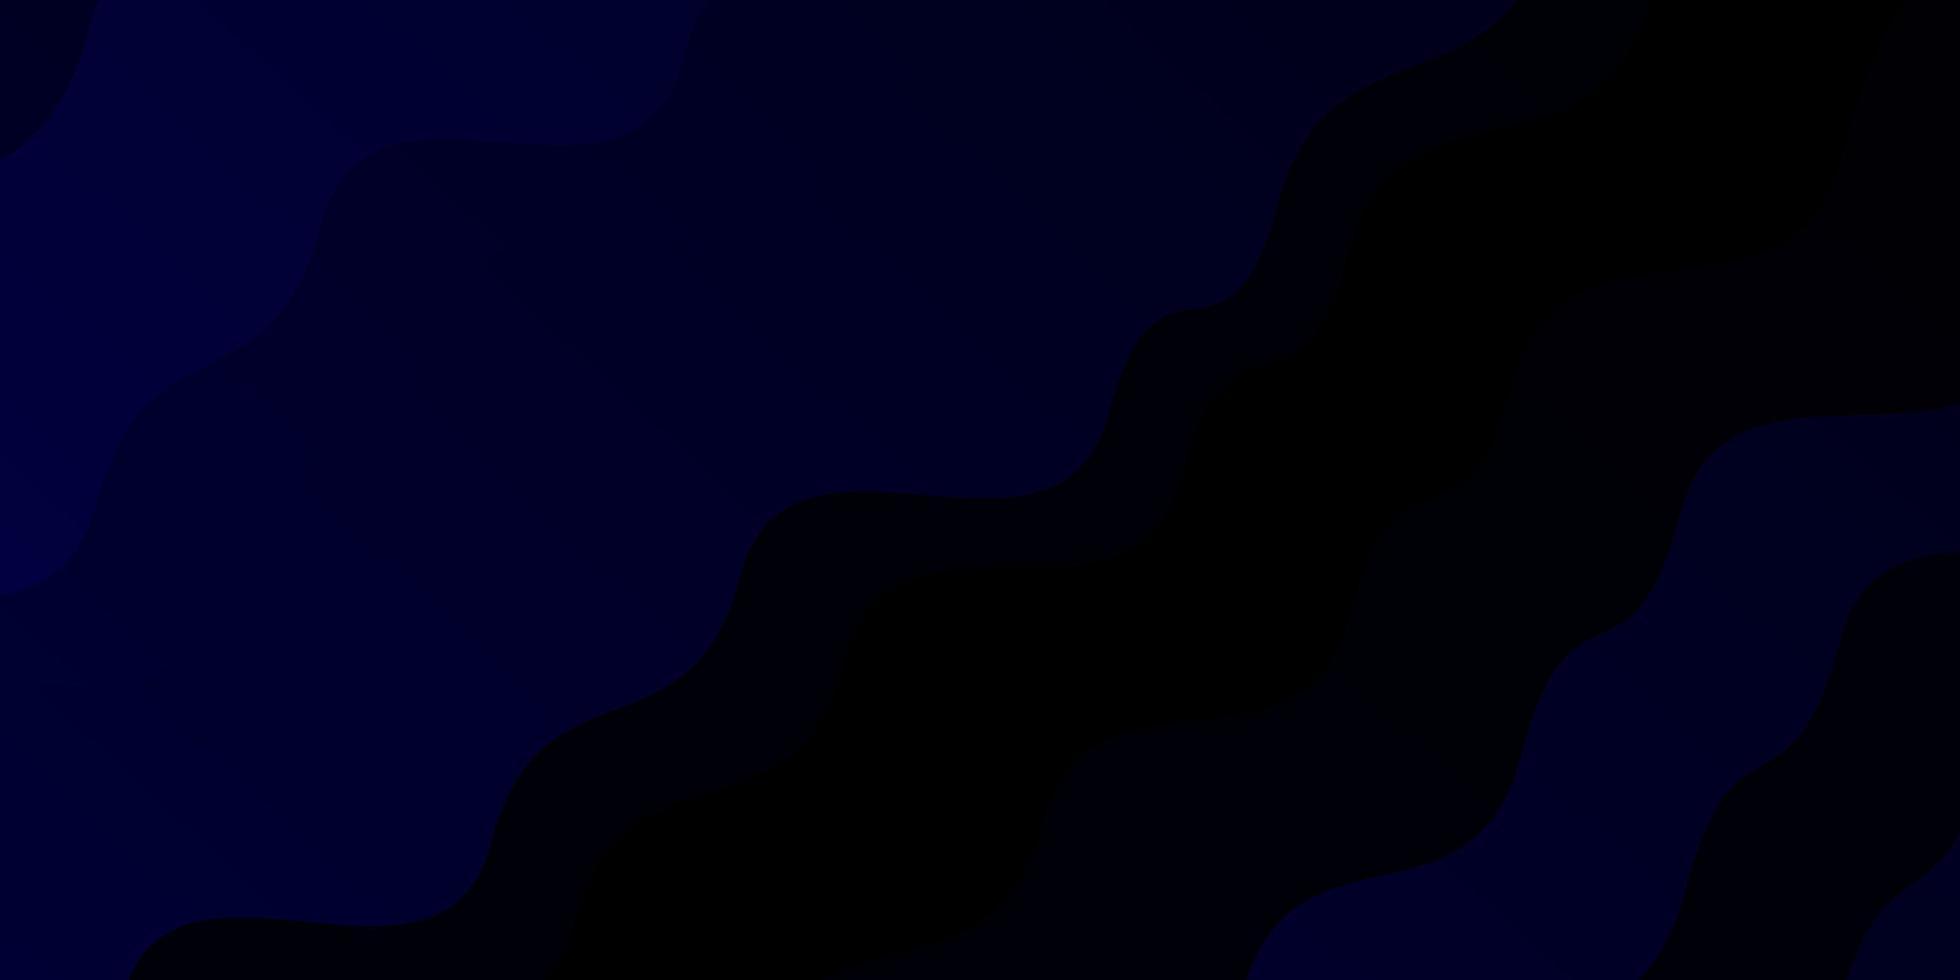 mörkblå konsistens med kurvor. vektor